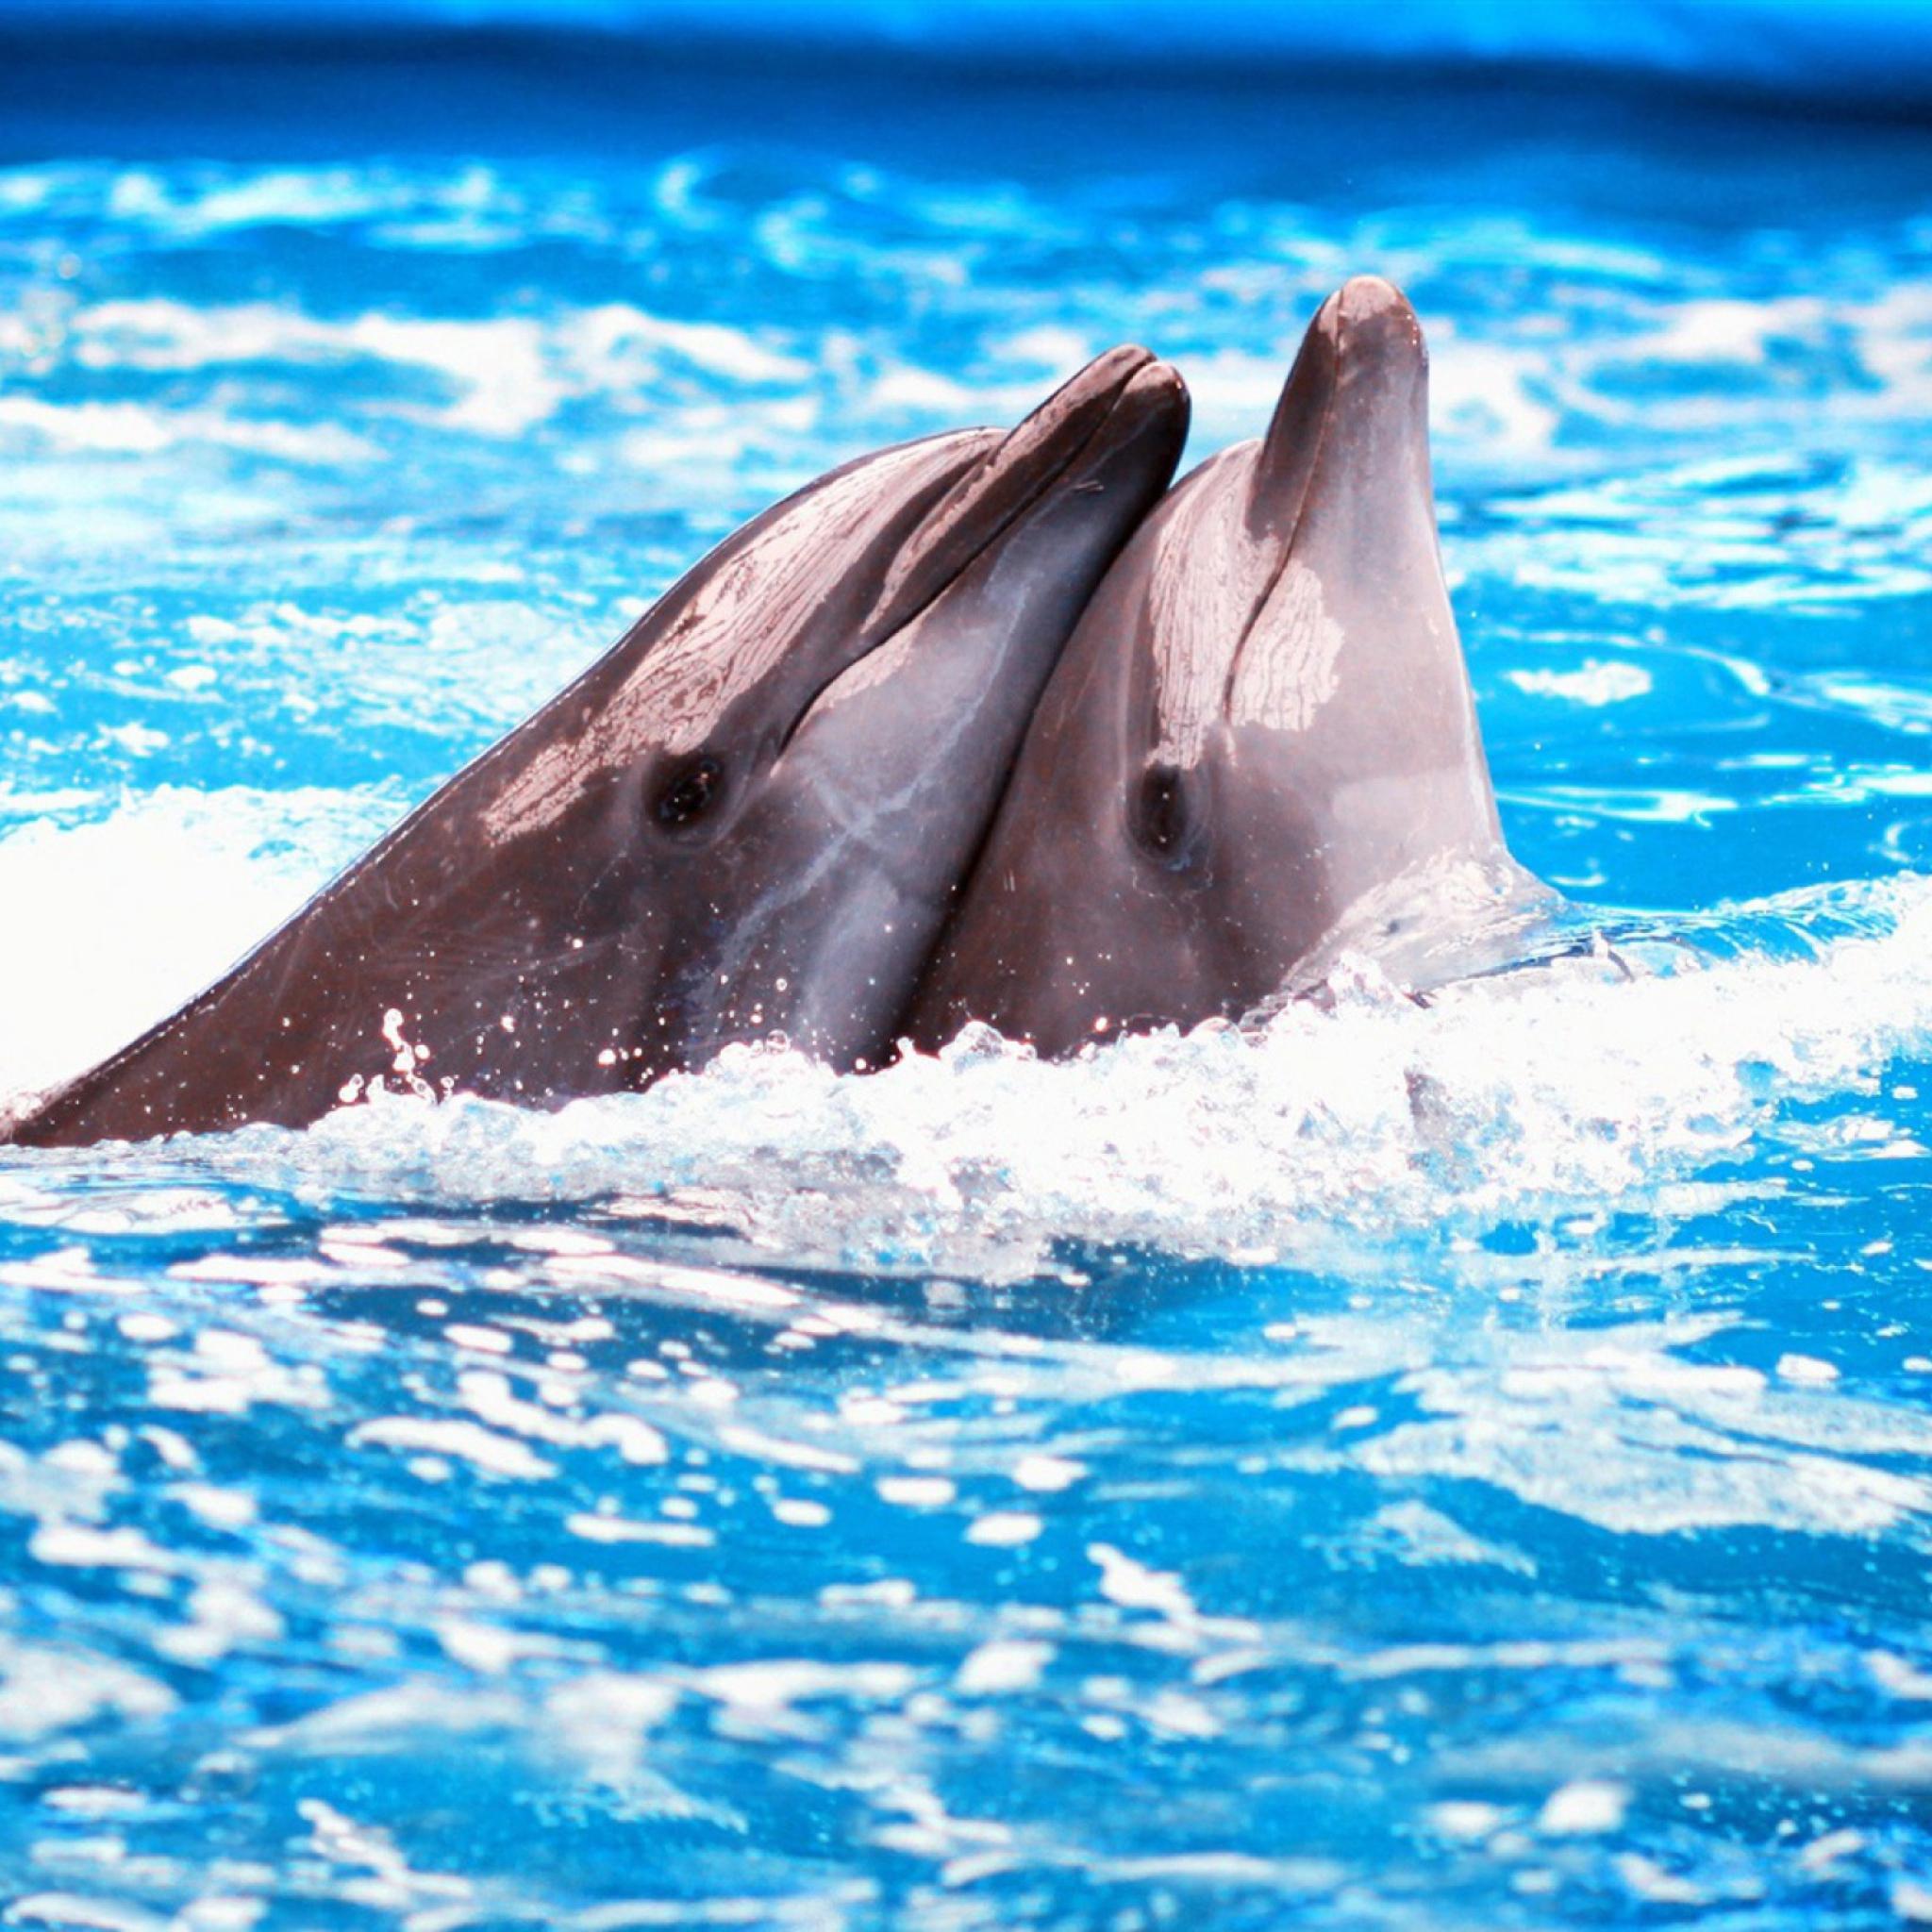 дельфин крупным планом бесплатно